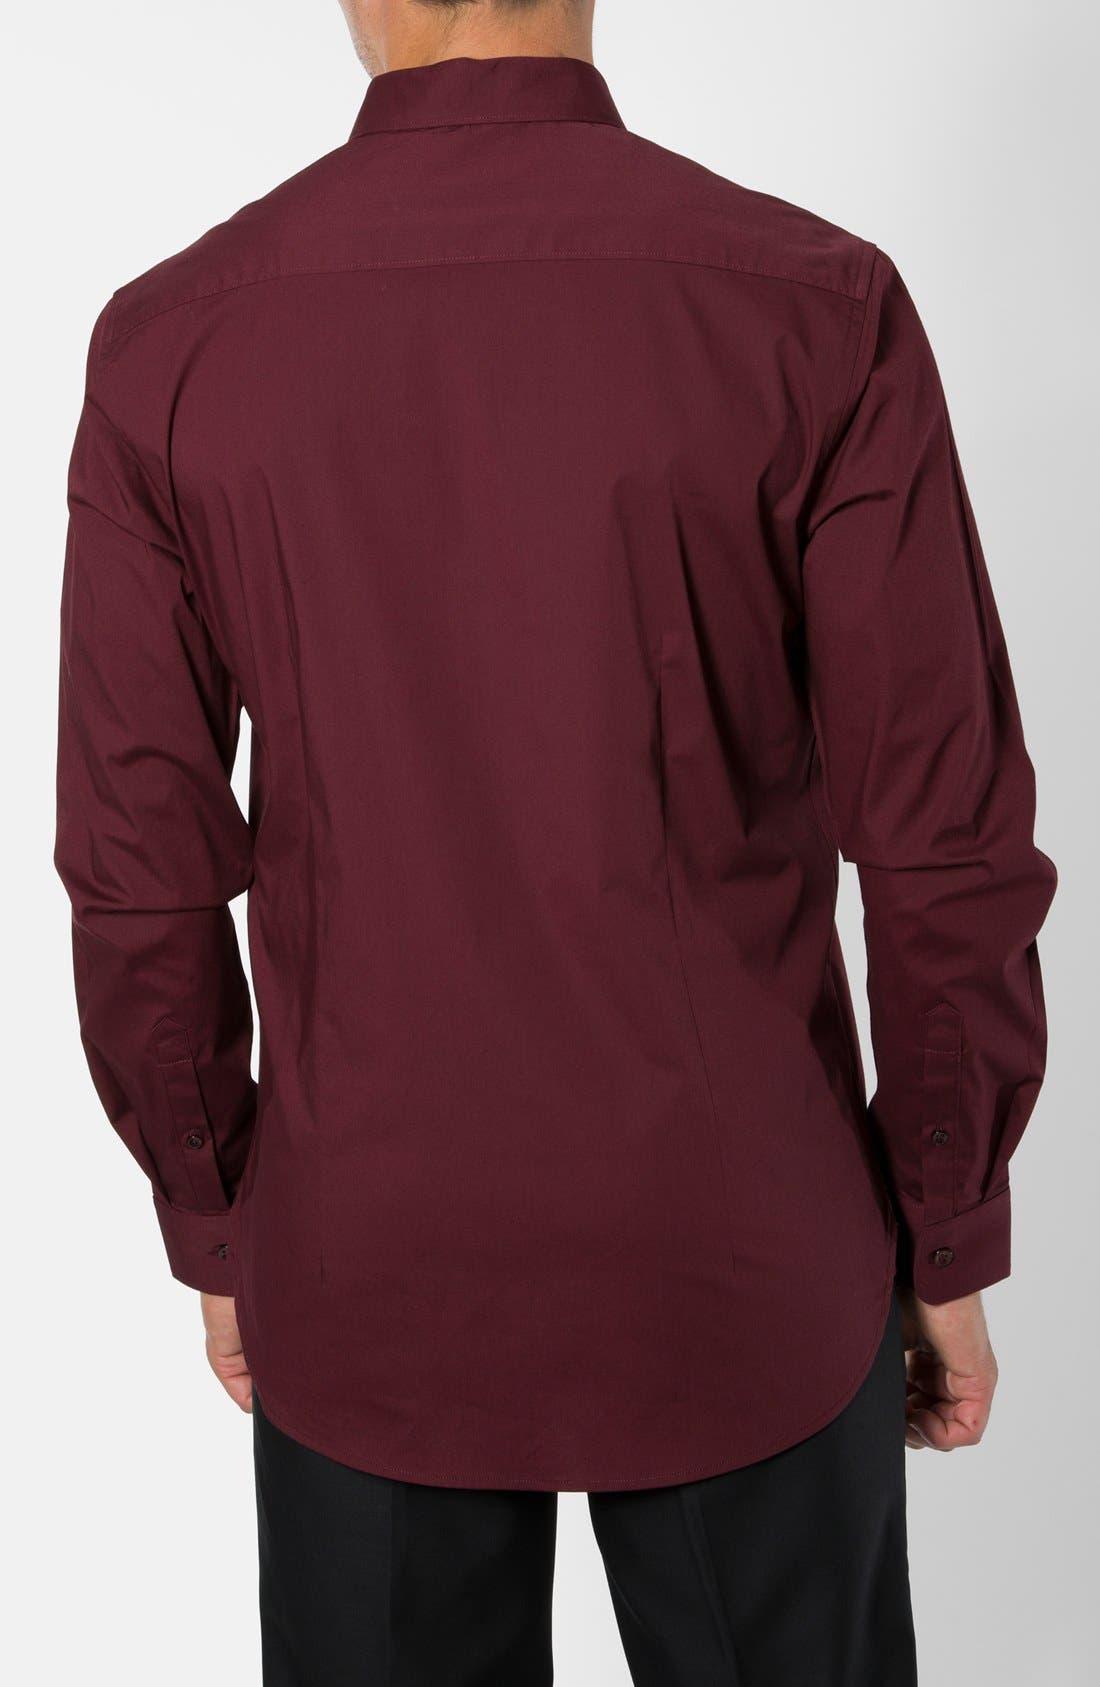 'Peace Train' Trim Fit Woven Shirt,                             Alternate thumbnail 20, color,